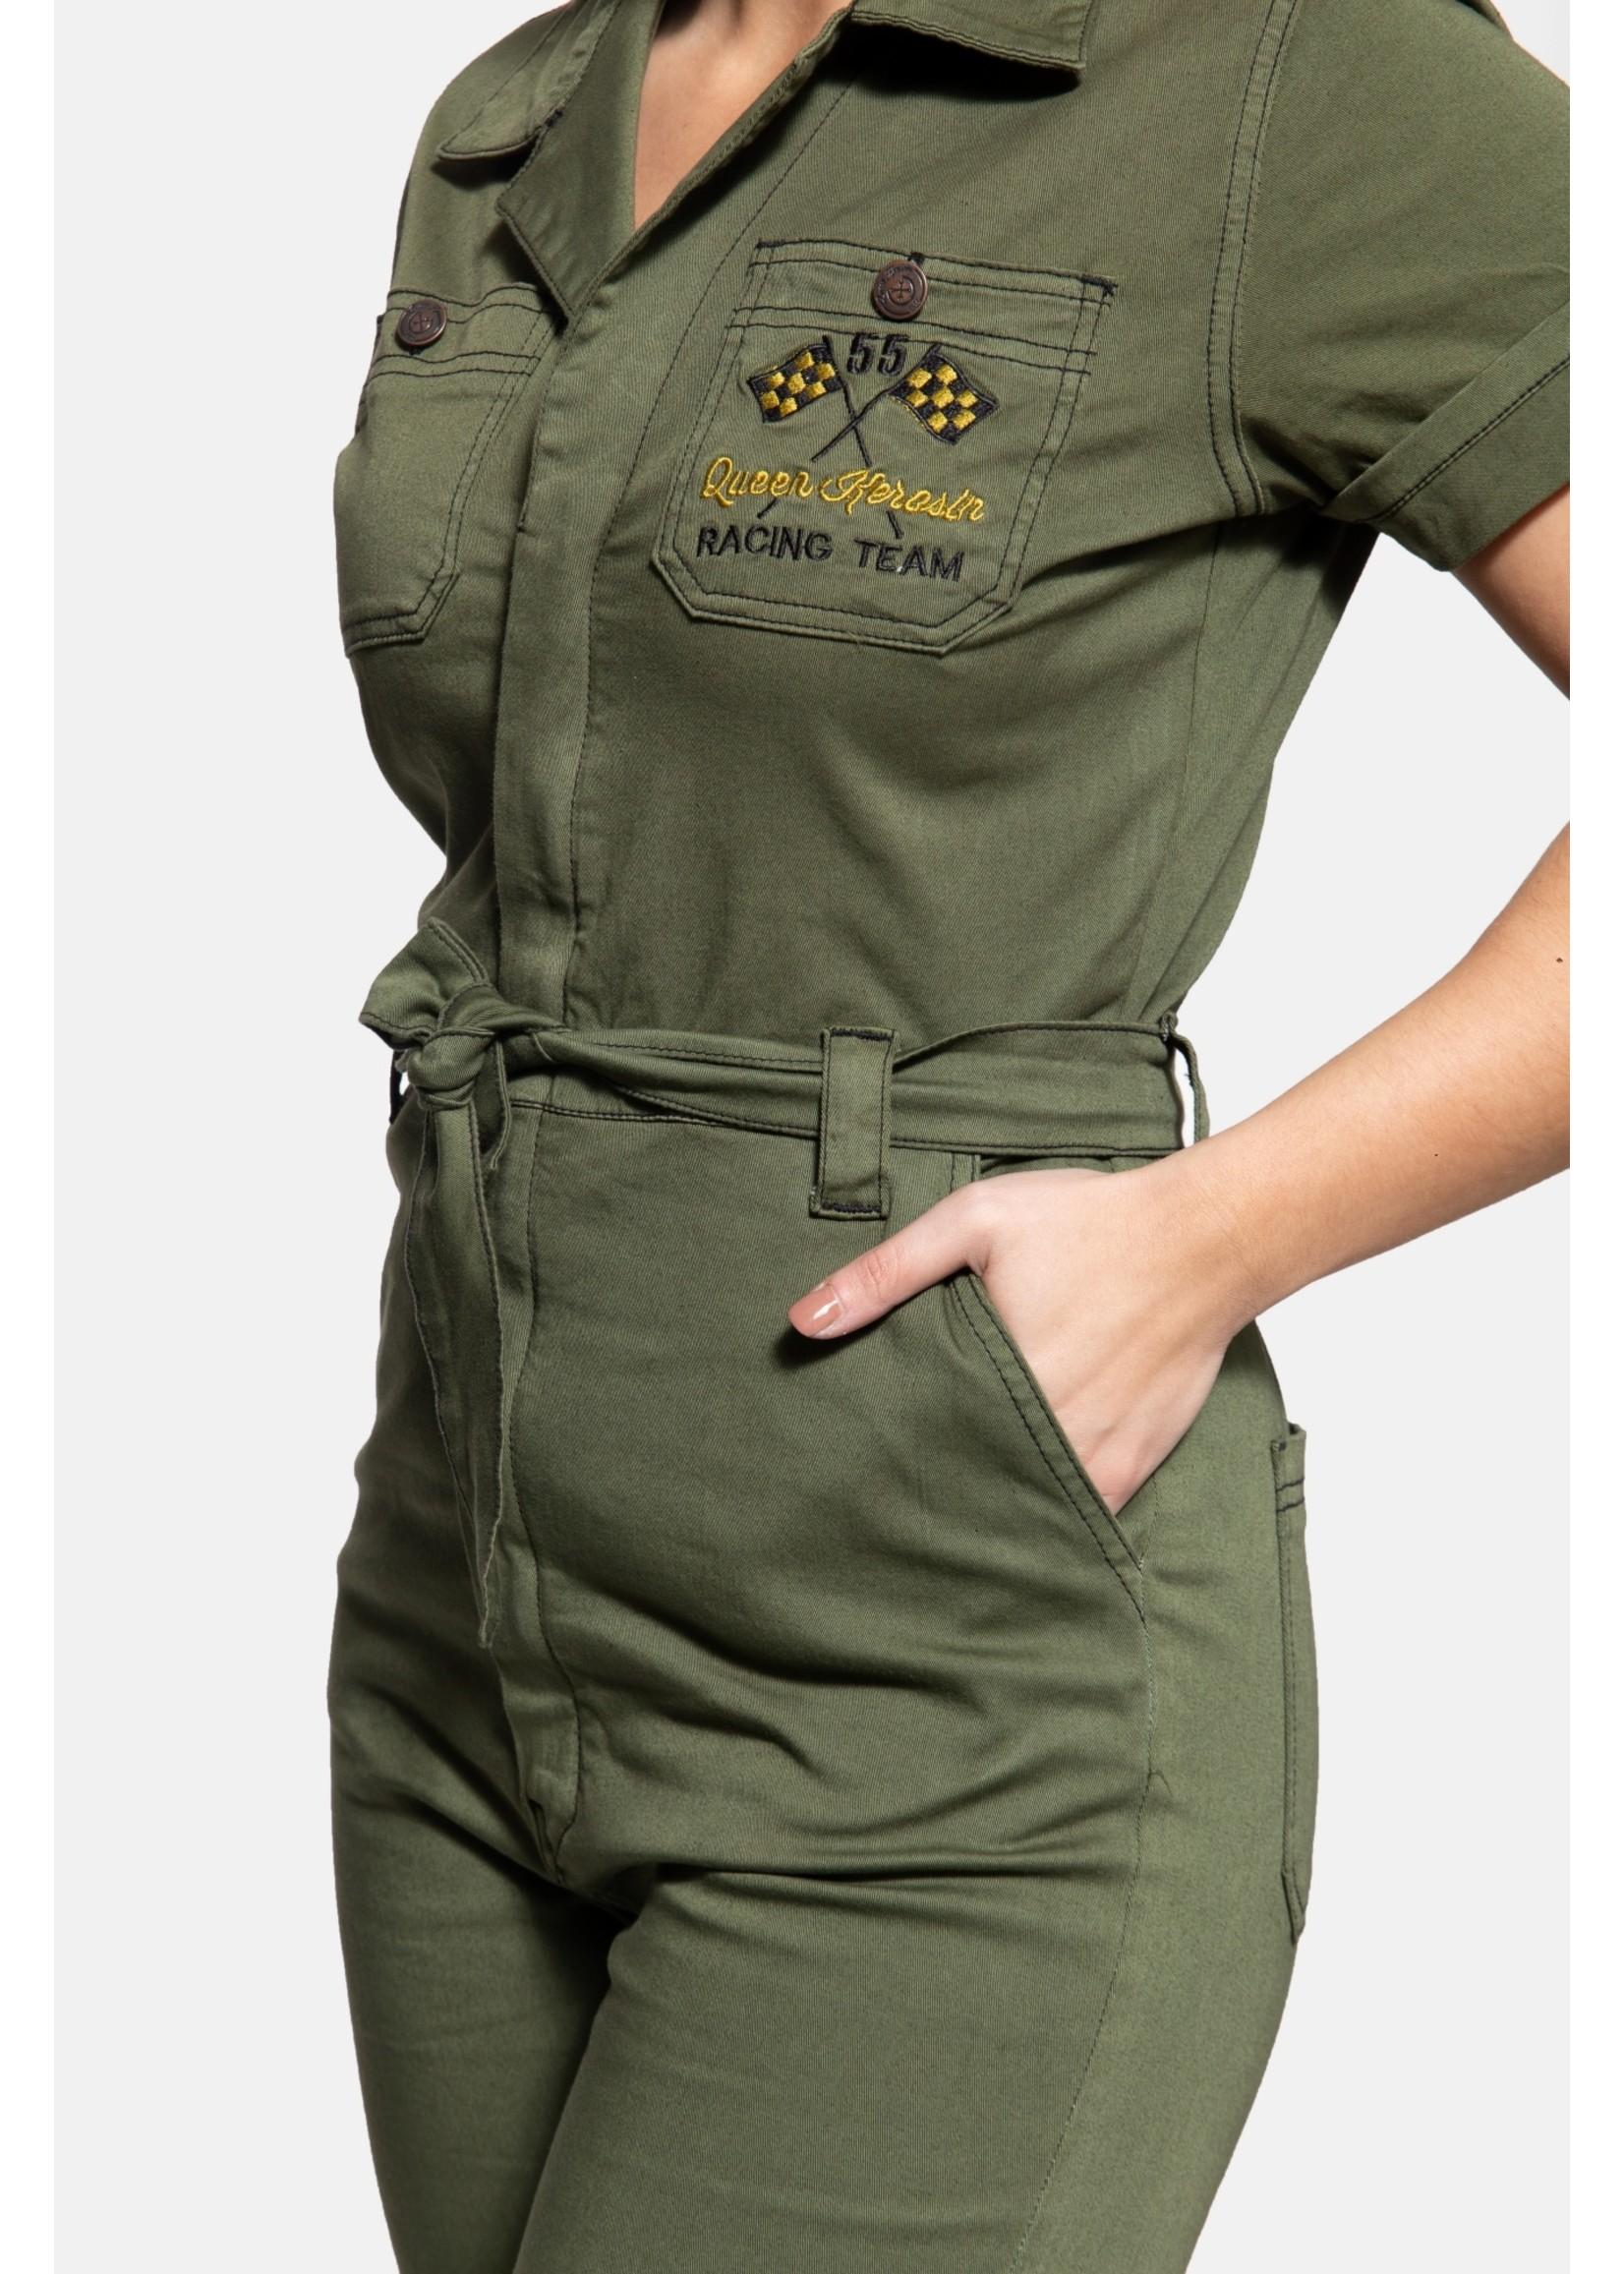 Queen Kerosin Queen Kerosin Workwear Overall in Olive Green